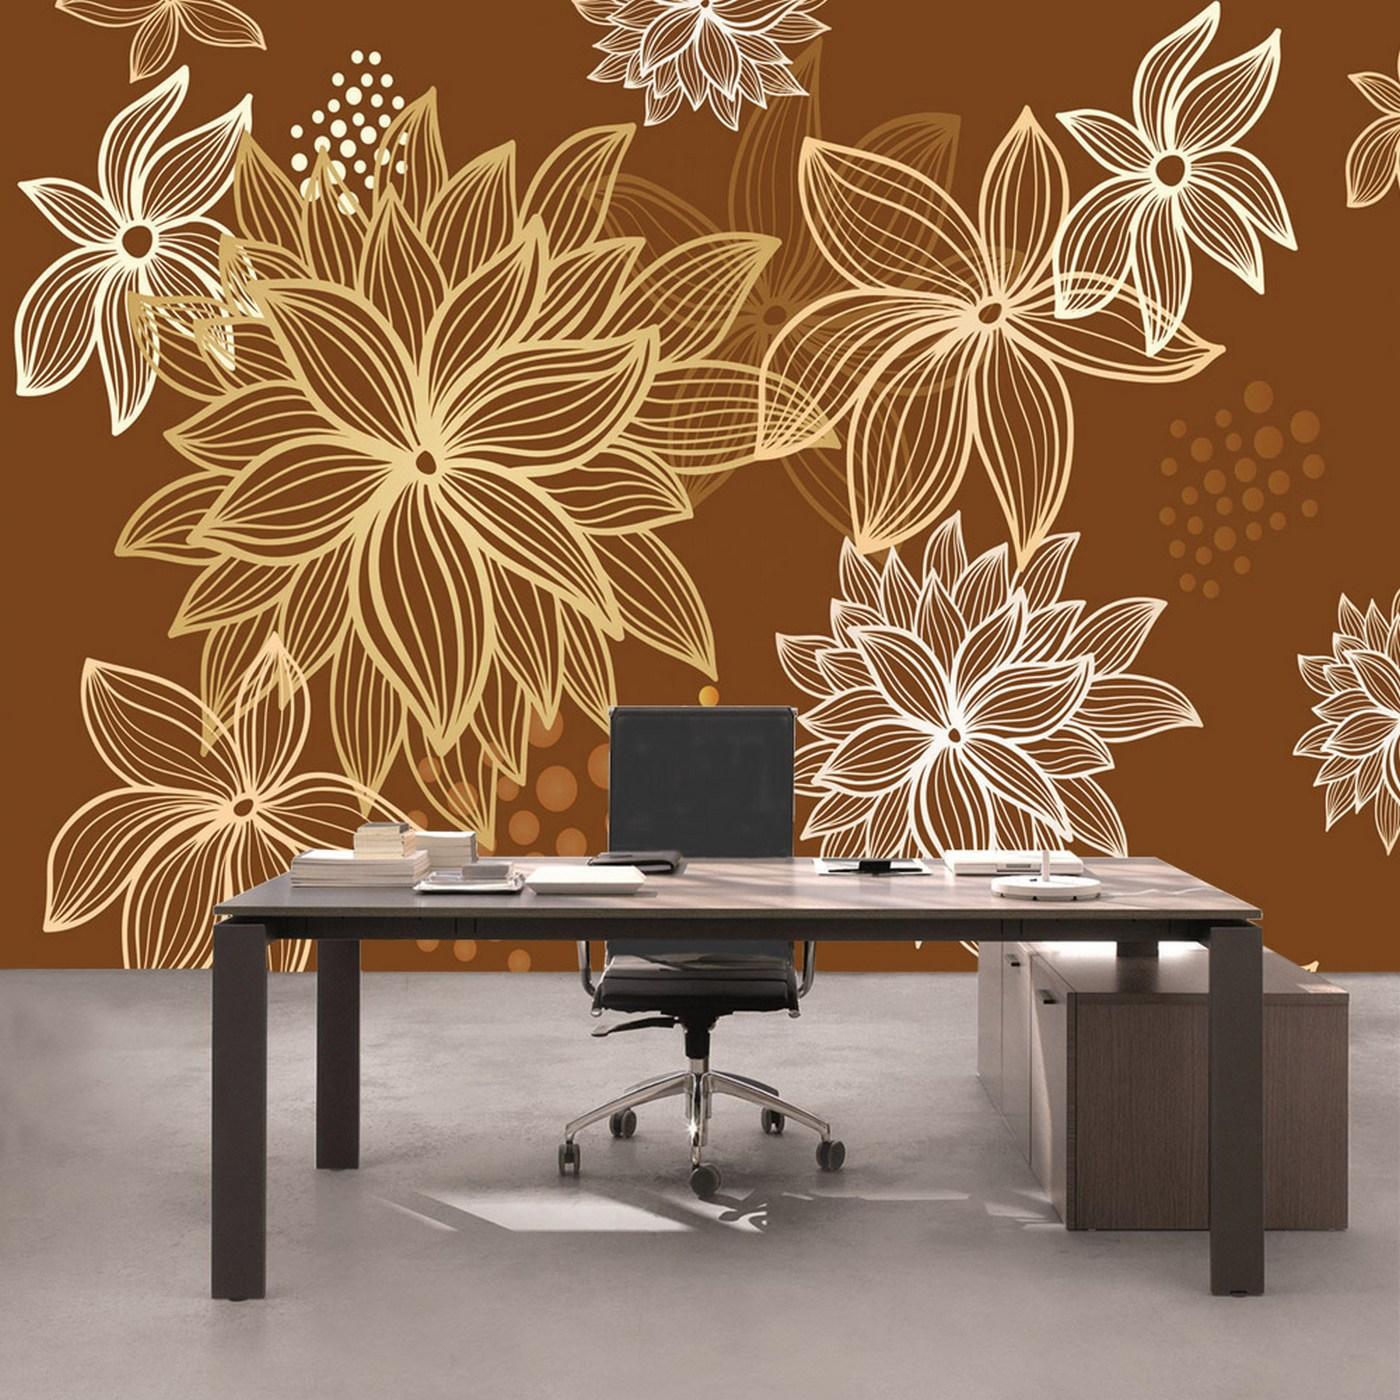 AuBergewohnlich Vlies Fototapete 1108   Illustrationen Tapete Abstrakt Blüten Weiß Braun